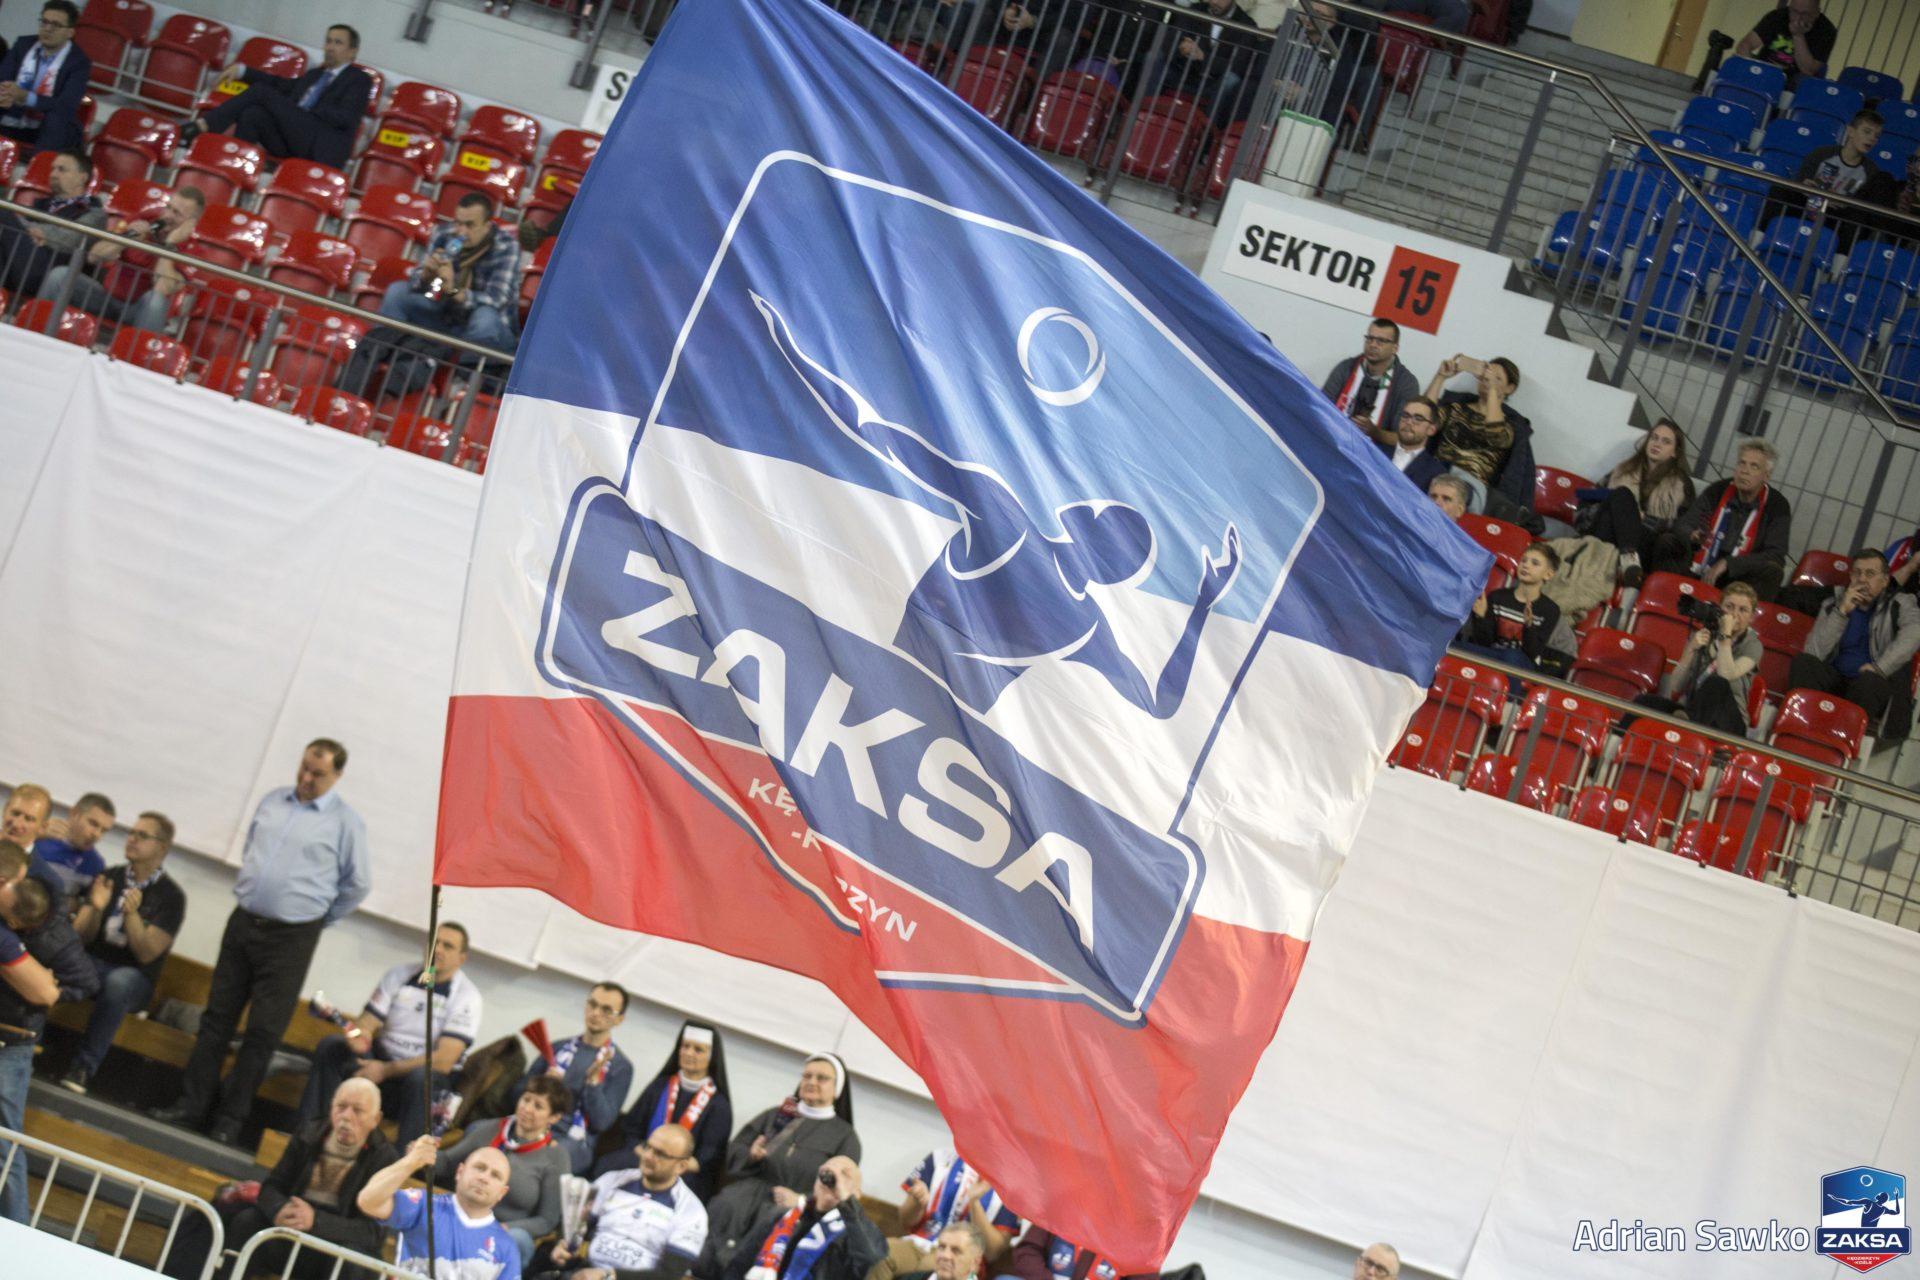 ZAKSA zgodnie z planem, wracamy z Gdańska z kompletem punktów